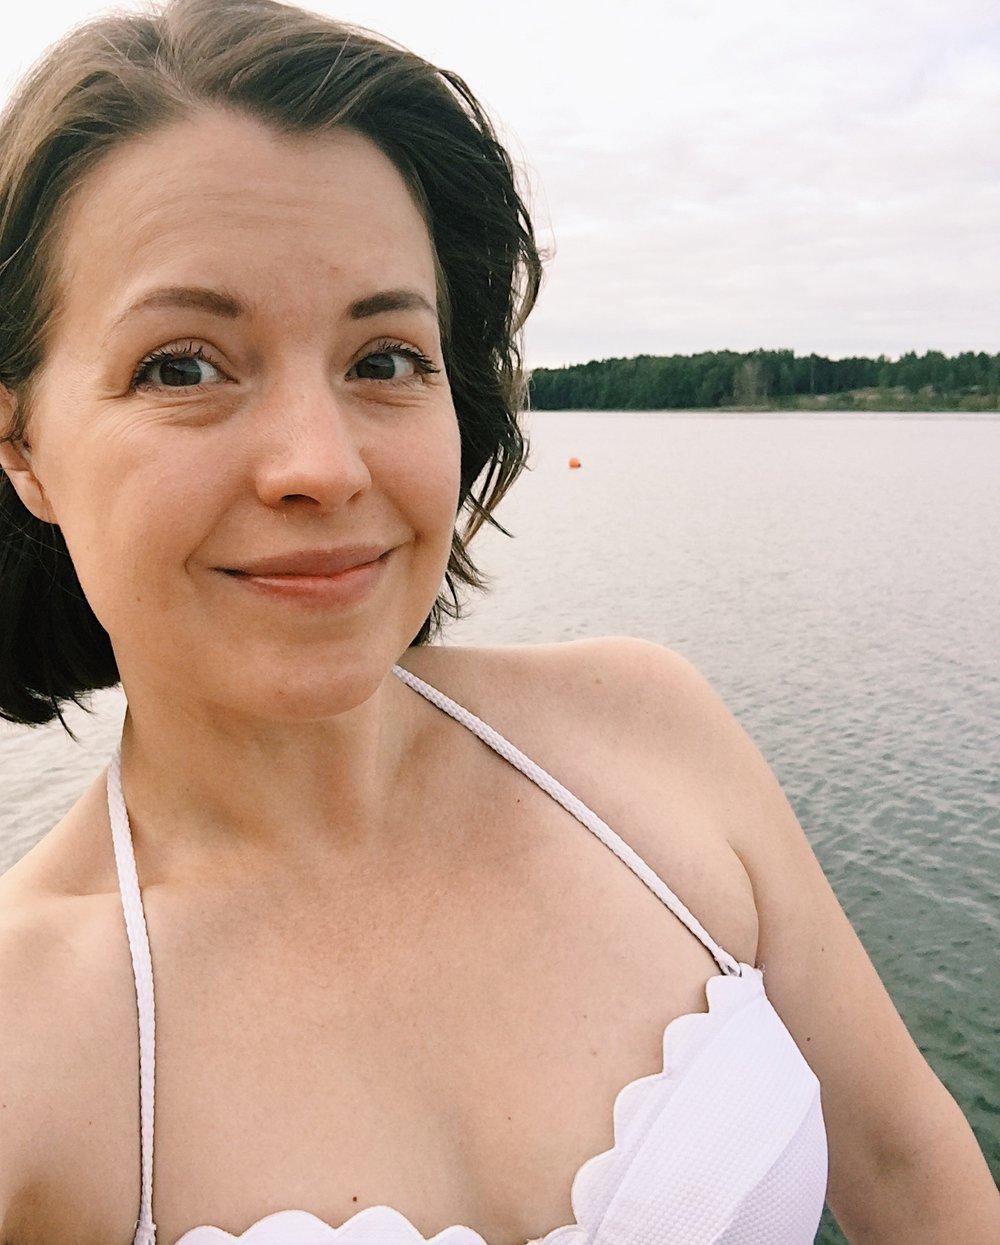 Simma i svinkallt vatten en augustimåndag - stolleprov. Men skönt.